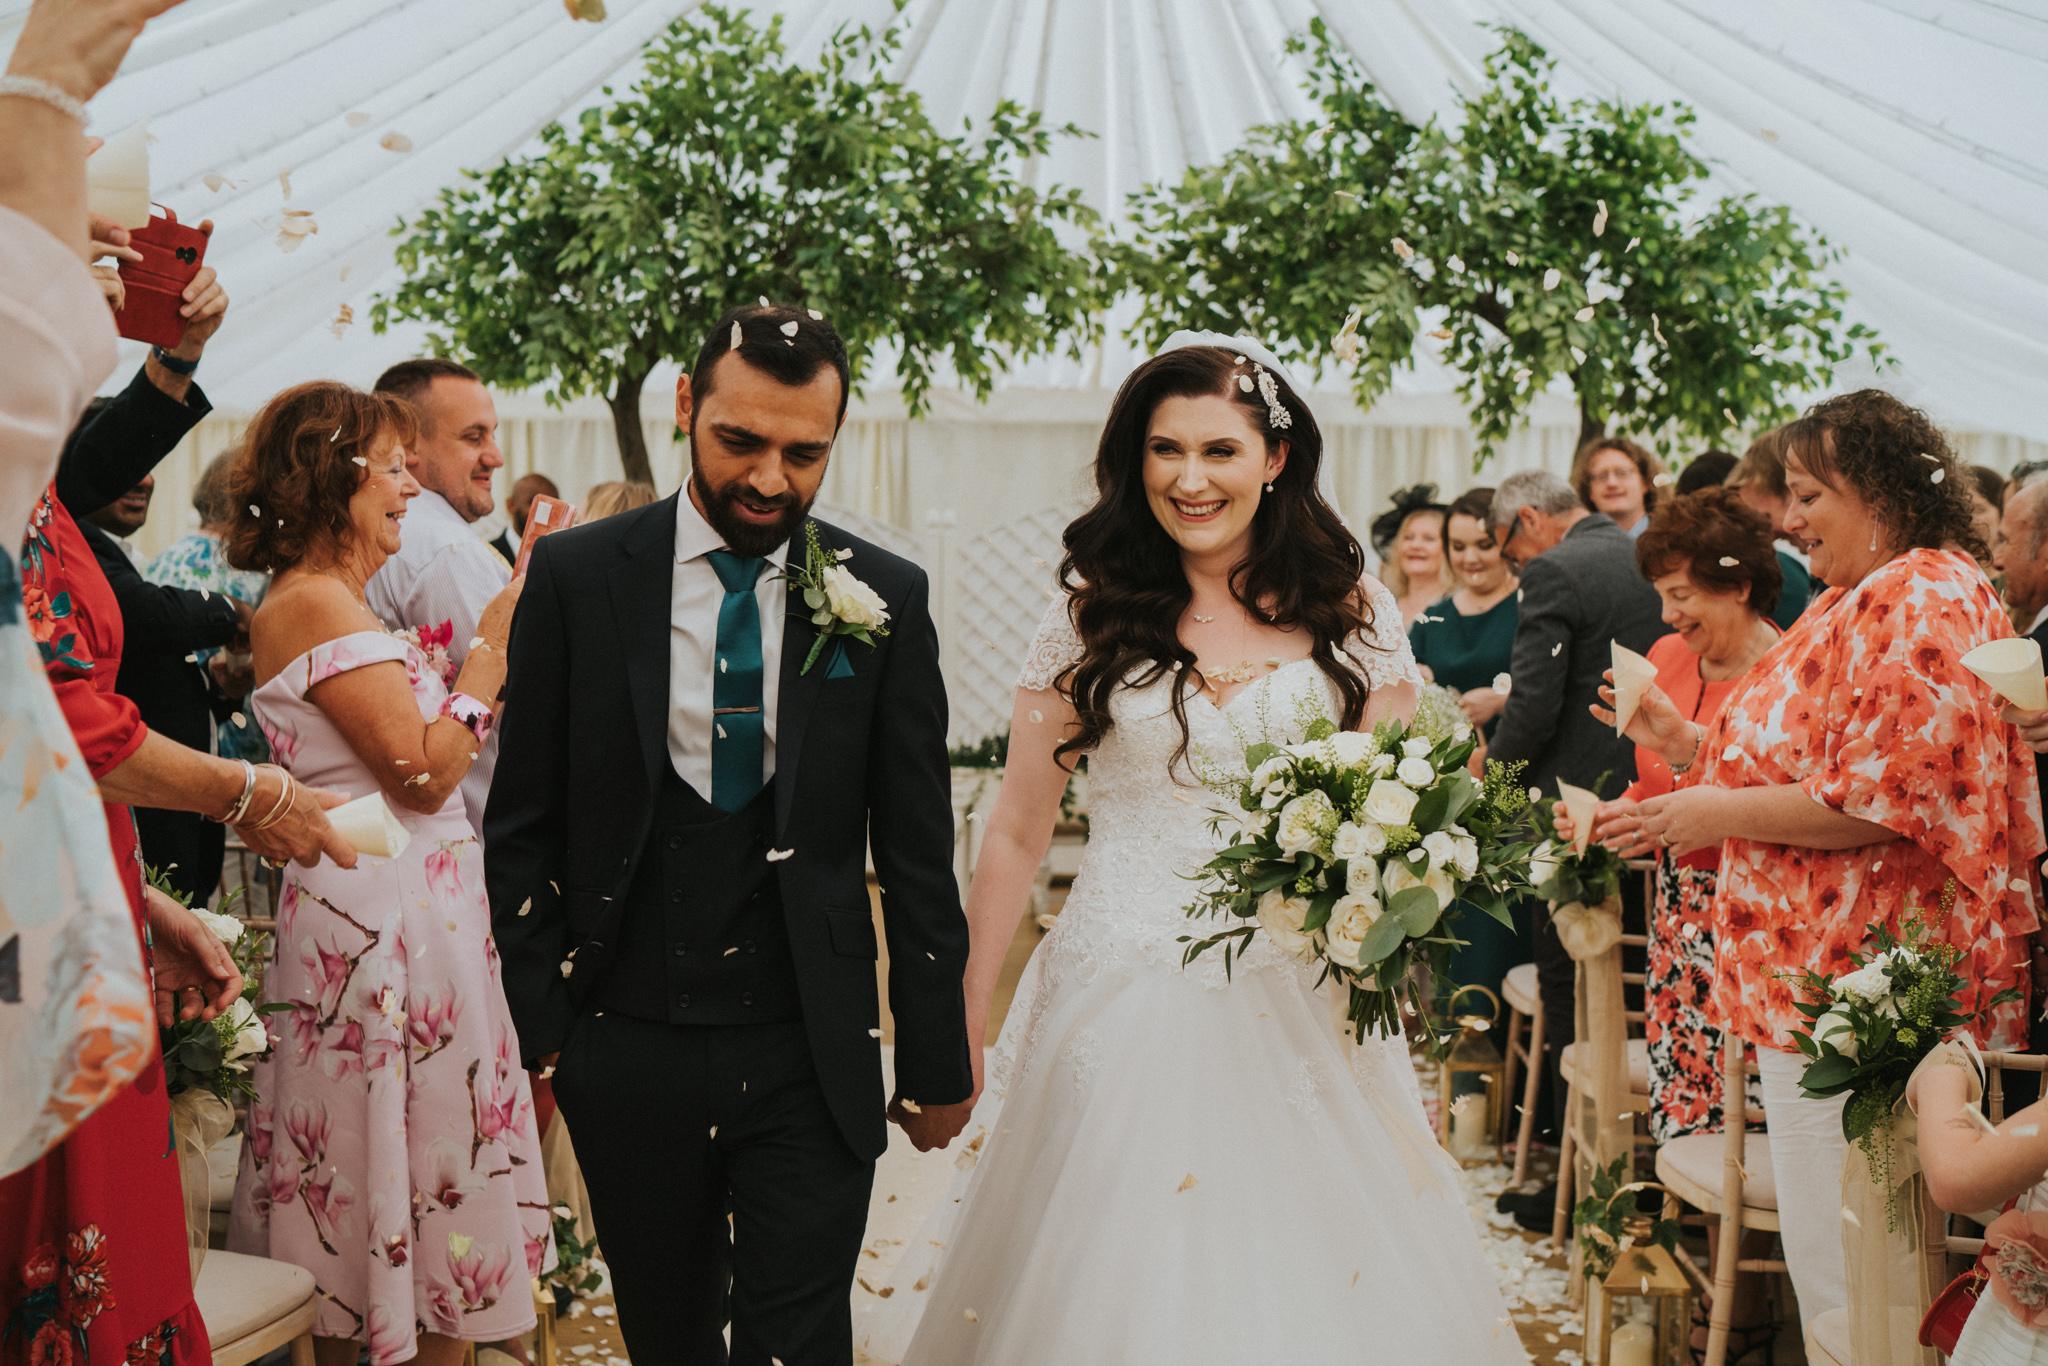 lizzie-faz-fennes-asian-fusion-wedding-grace-elizabeth-colchester-essex-alternative-wedding-lifestyle-photographer-essex-suffolk-norfolk-devon (30 of 55).jpg